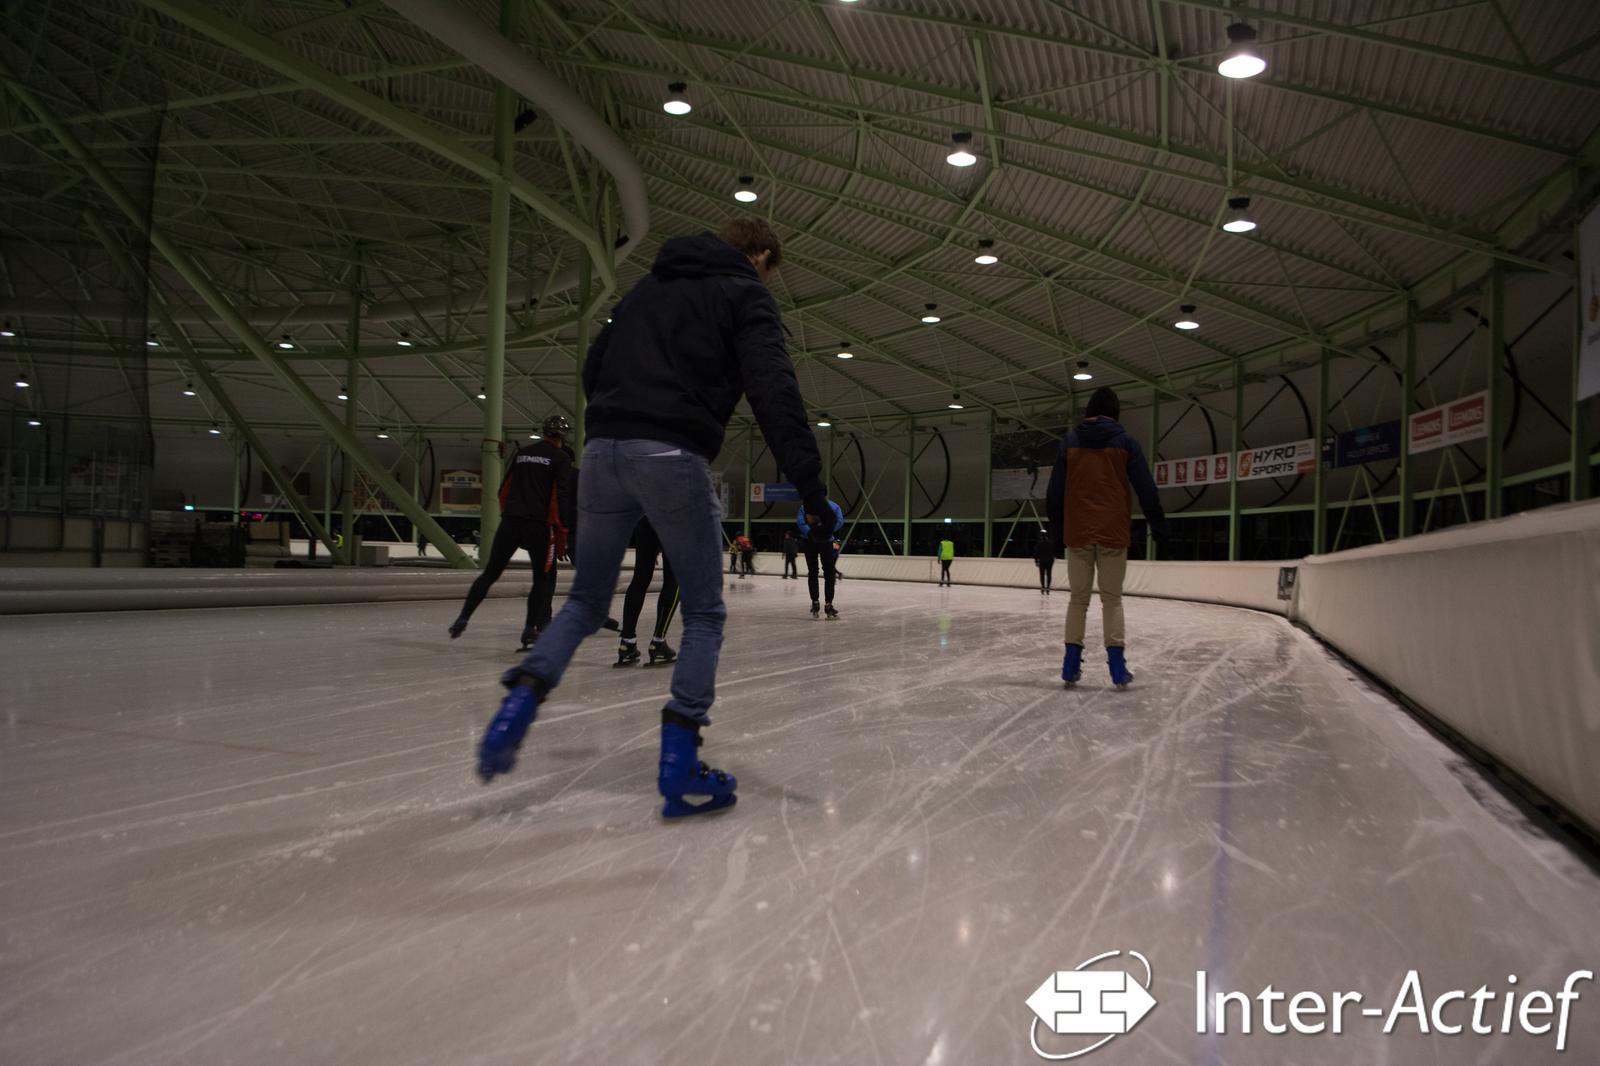 IceSkating20200116_NielsdeGroot-7.jpg